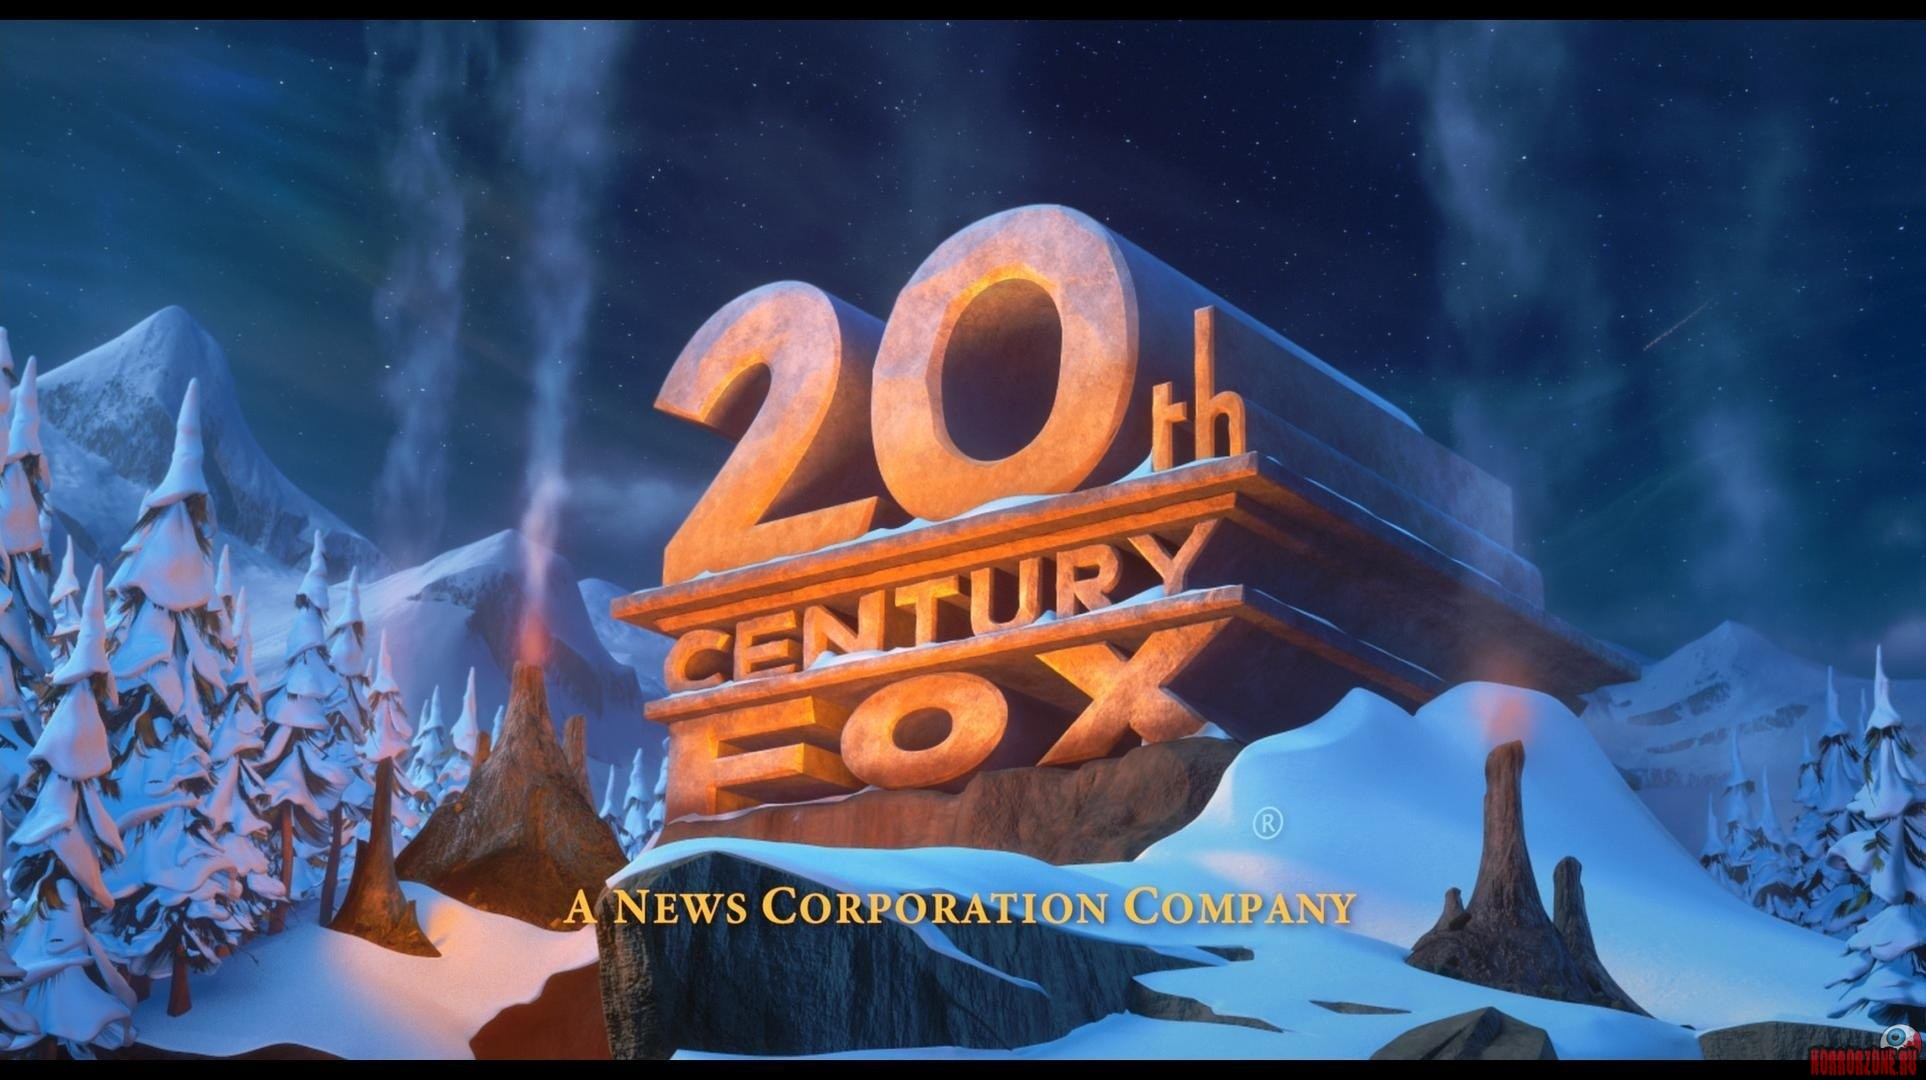 20th century fox02jpeg 1926x1080